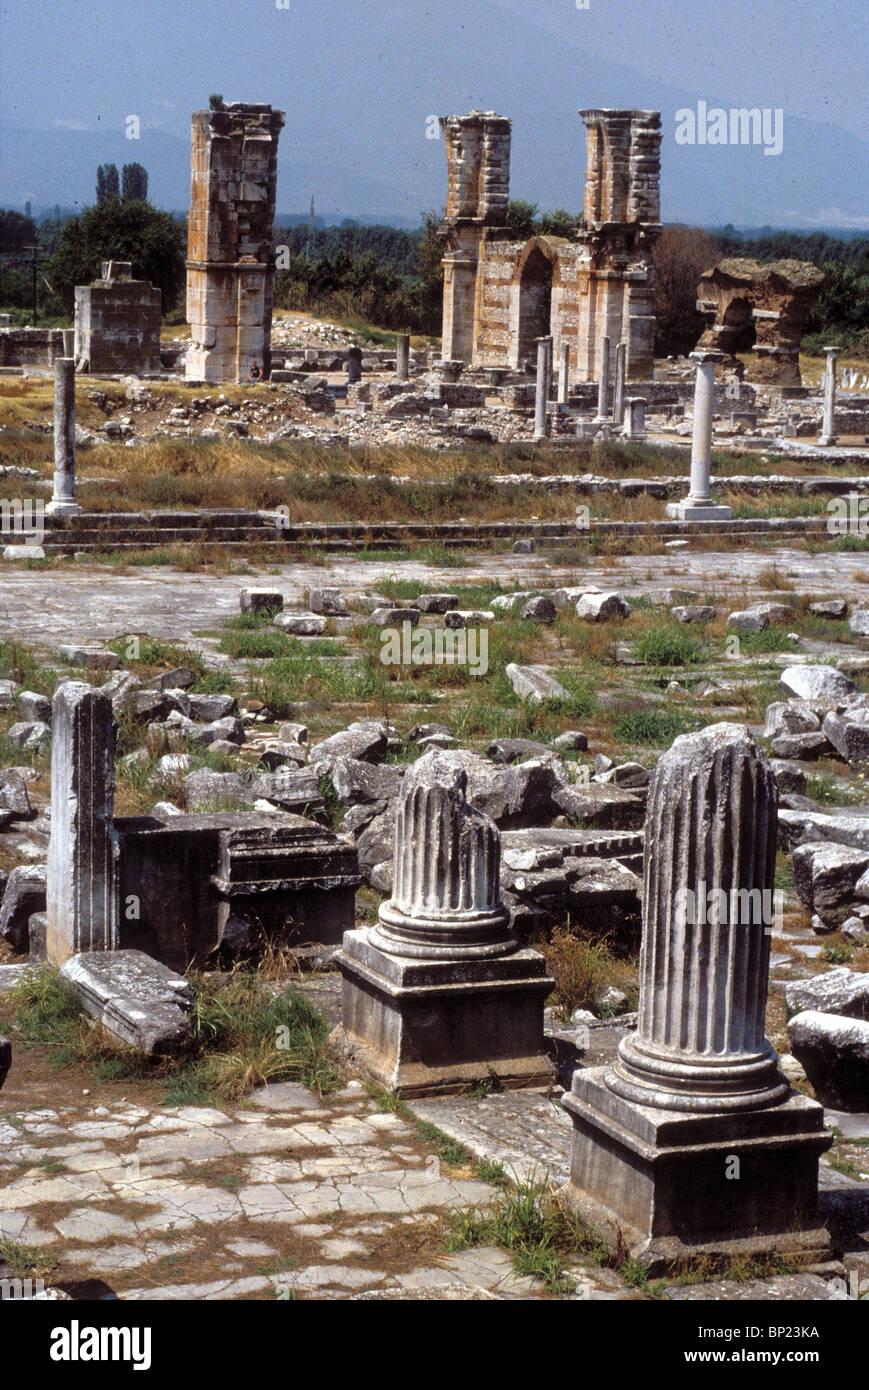 Rovine di antiche città della Grecia settentrionale. Paolo ha visitato la città durante la sua prima missione Immagini Stock